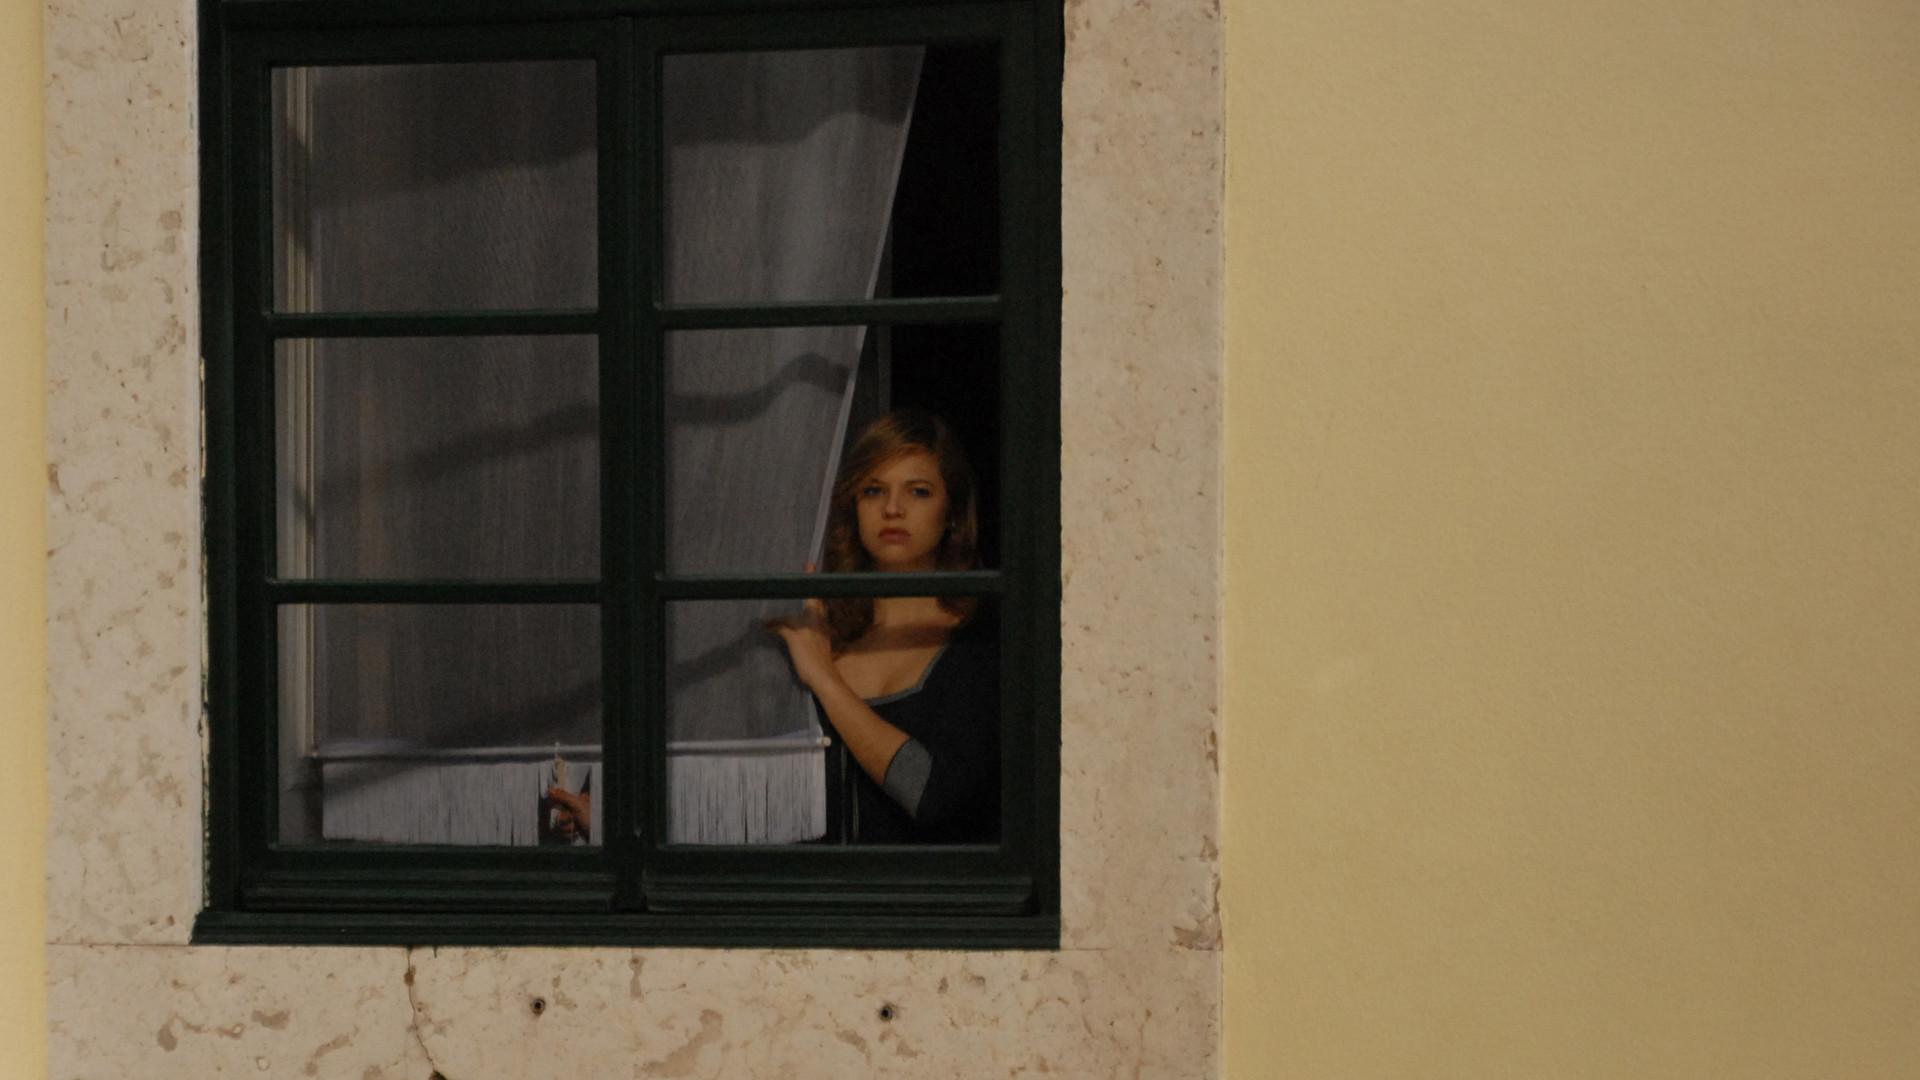 obnazhennaya-v-sosedskom-okne